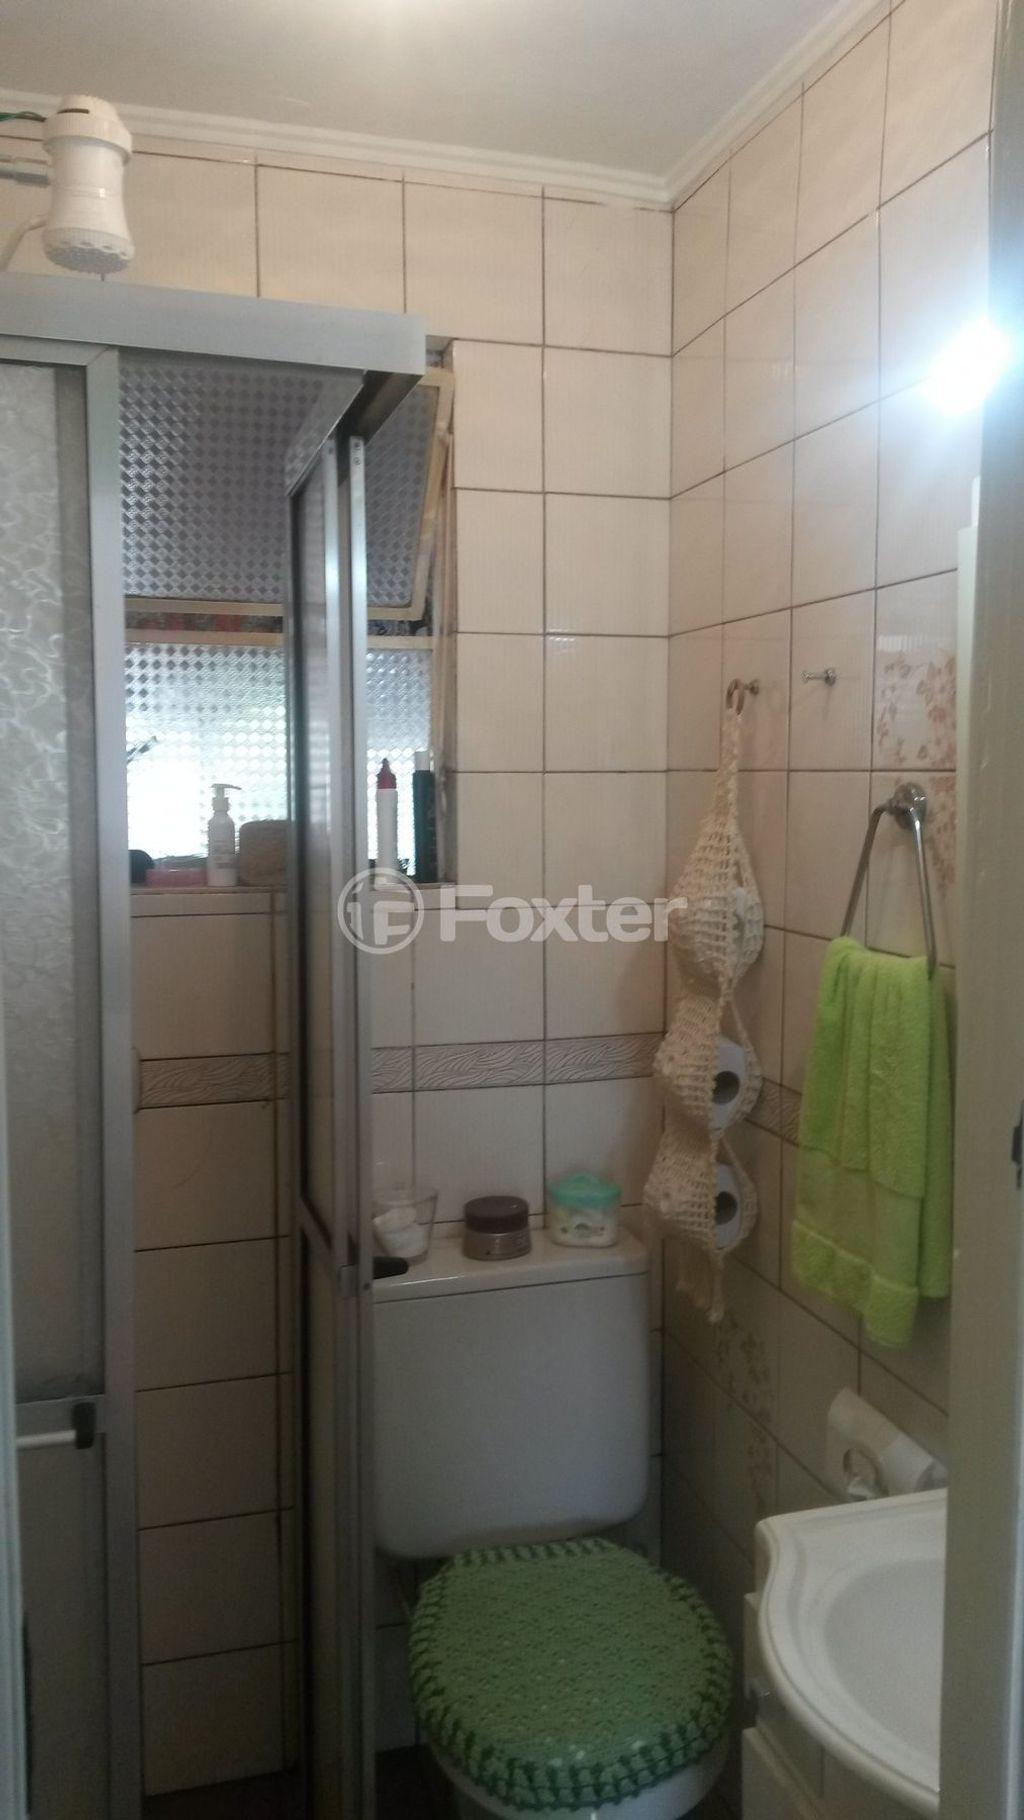 Foxter Imobiliária - Apto 2 Dorm, Cristal (136742) - Foto 6